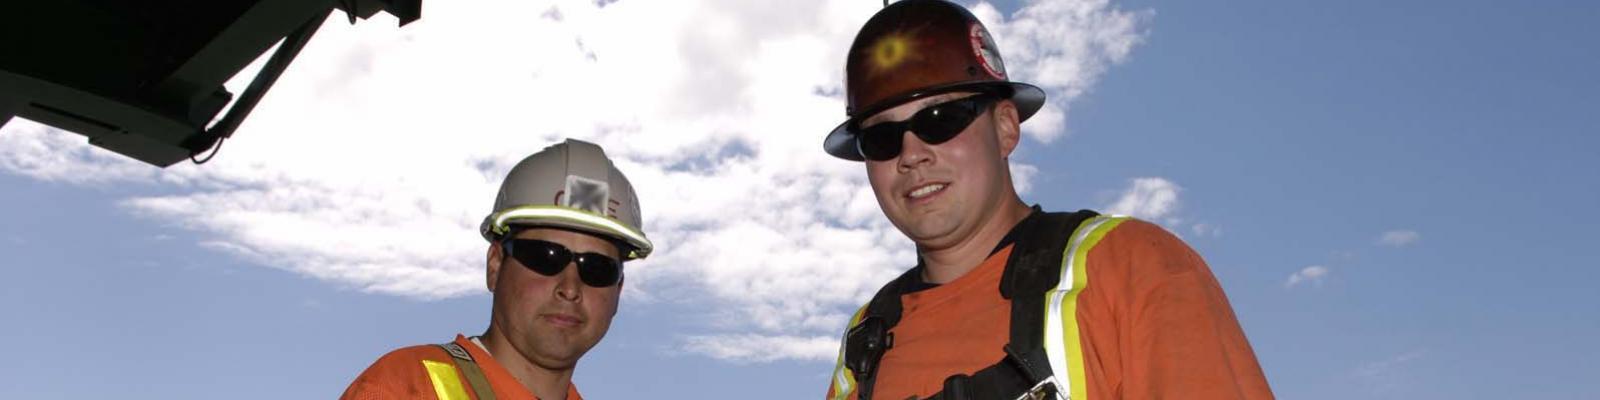 Aboriginal journeyman ironworkers construction workers